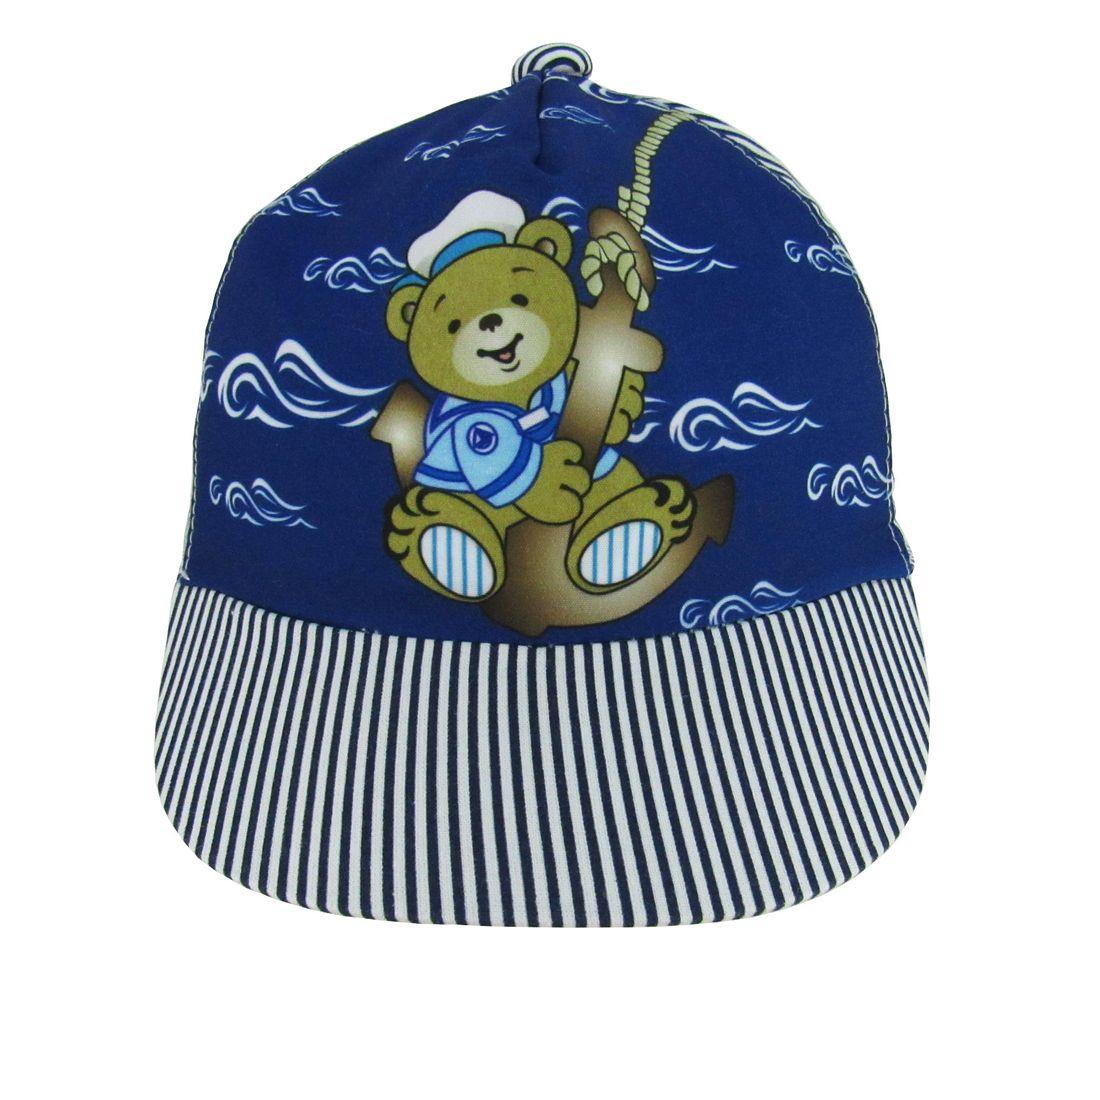 Boné Bebê Masculino Azul Marinho Marinheiro - poetique 181c39a0f82